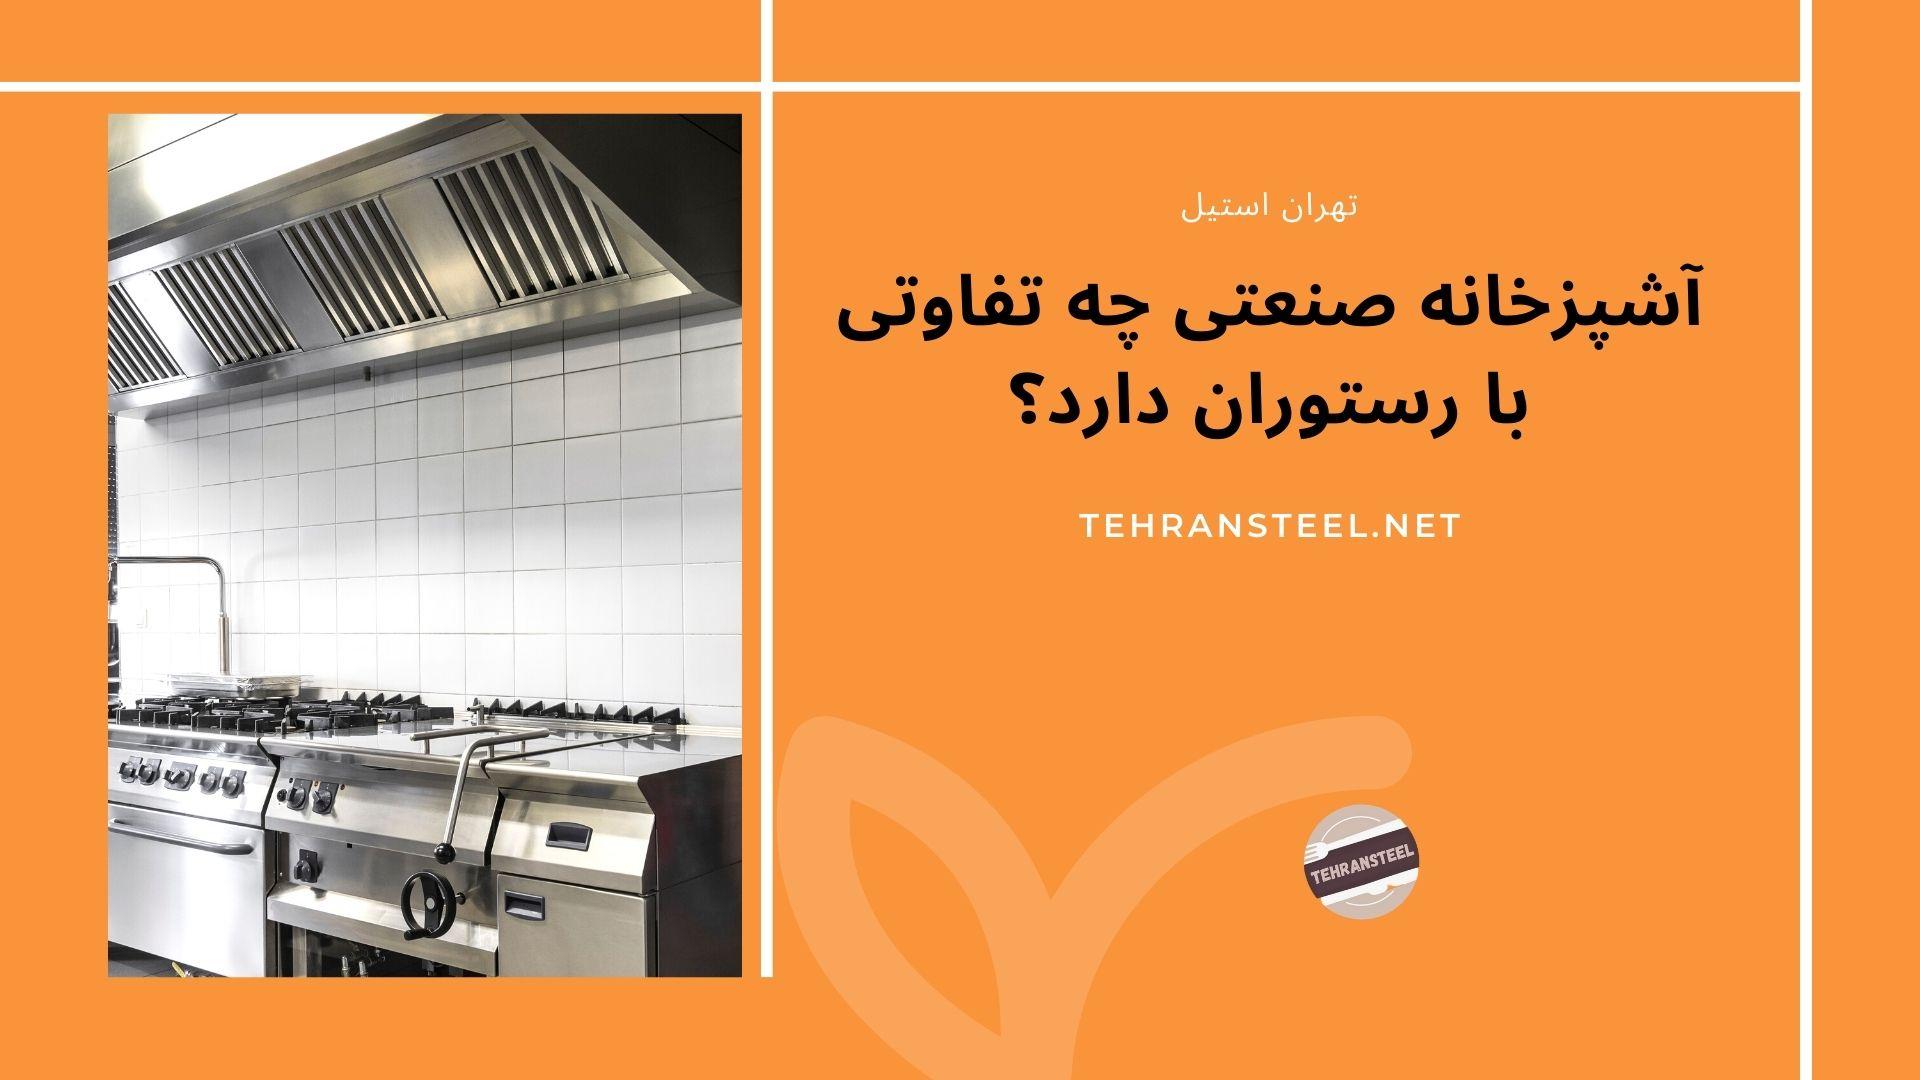 آشپزخانه صنعتی چه تفاوتی با رستوران دارد؟